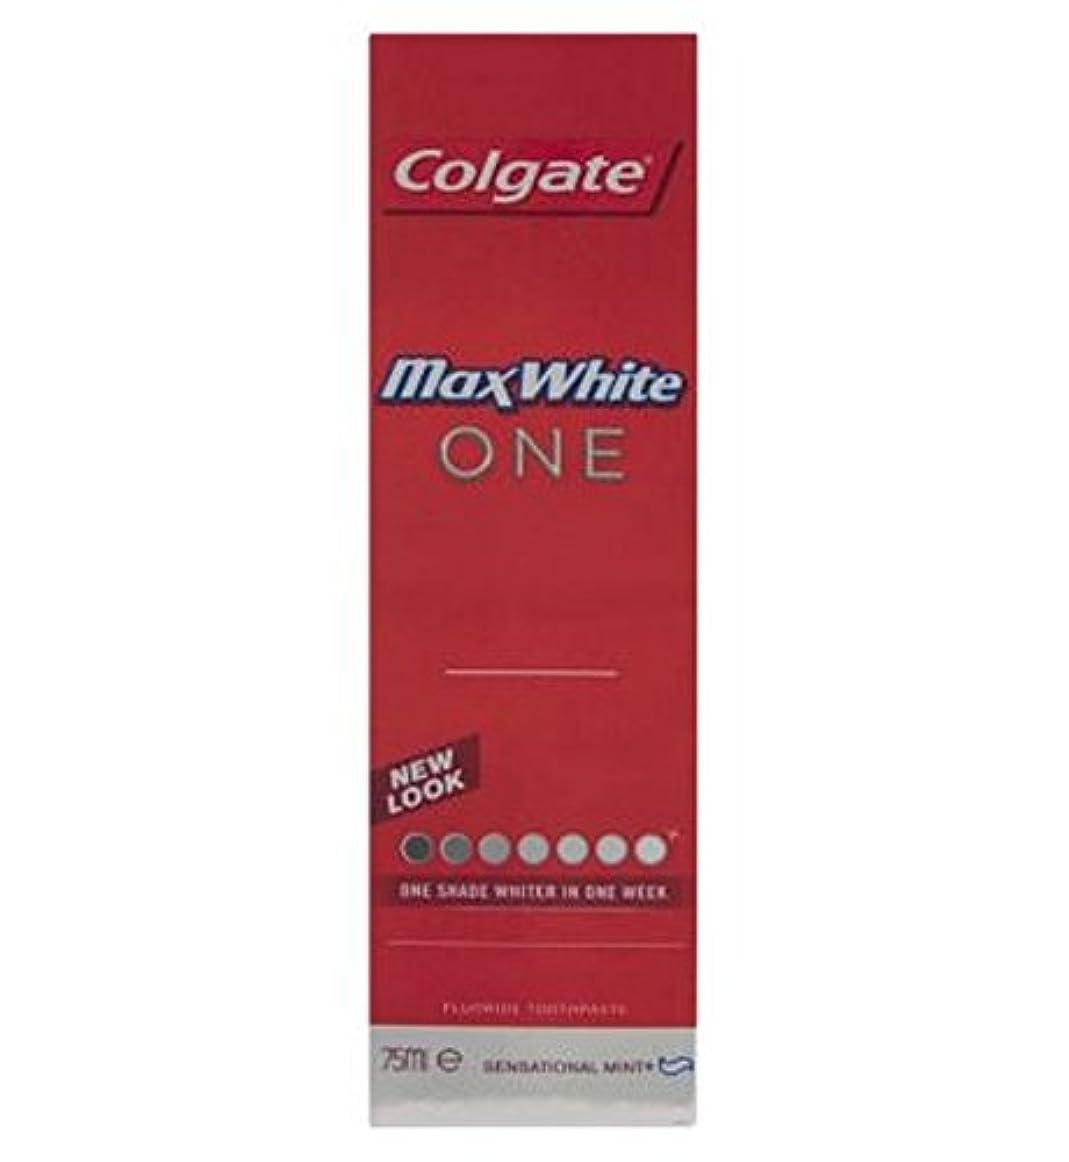 役割支出肌寒いColgate Max White One Fresh toothpaste 75ml - コルゲートマックスホワイト1新鮮な歯磨き粉75ミリリットル (Colgate) [並行輸入品]